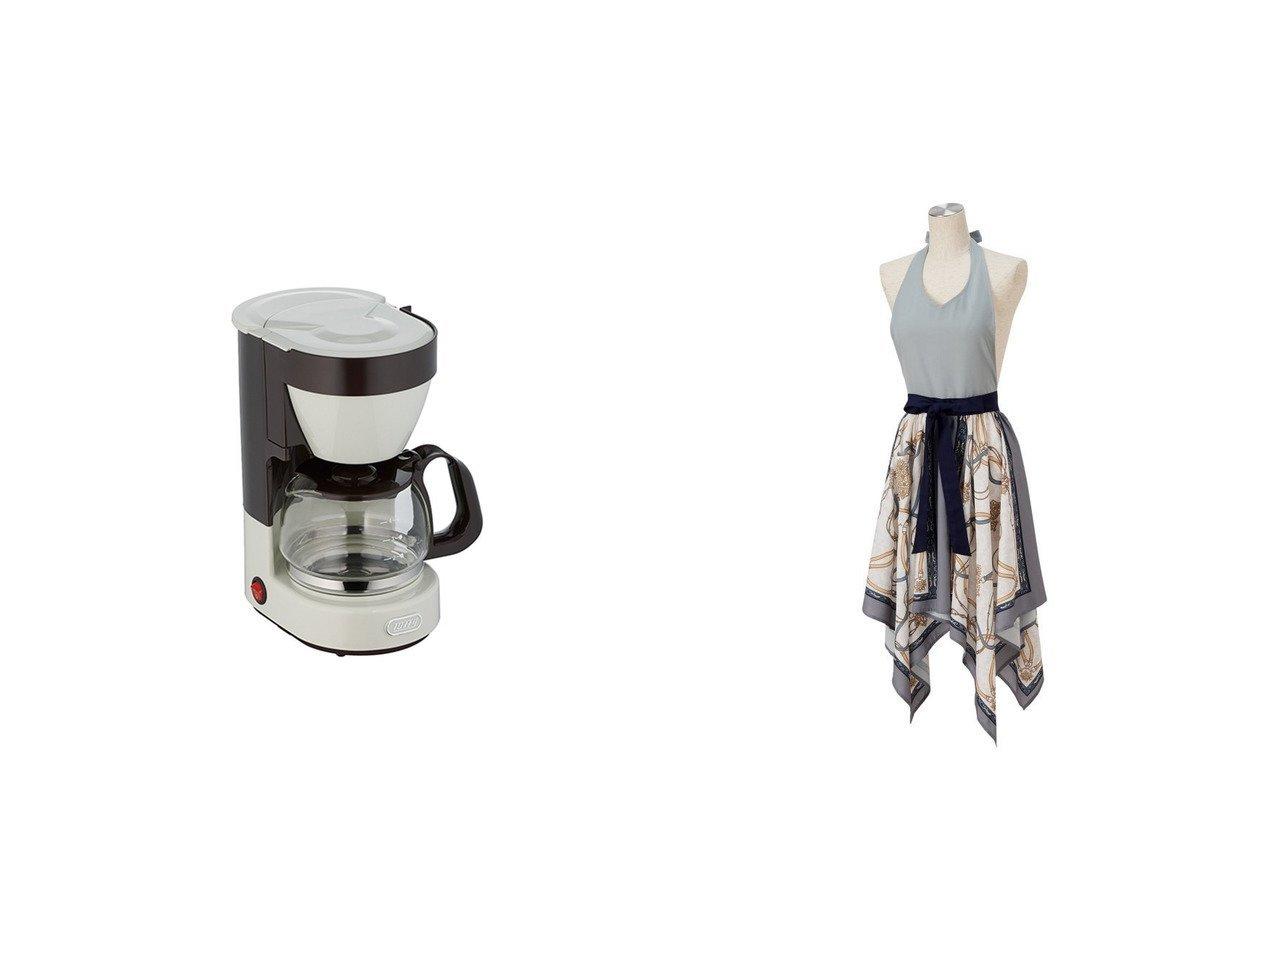 【Francfranc / GOODS/フランフラン】のハルス フルエプロン&Toffy 4カップコーヒーメーカー WH 【INTERIOR】Francfrancのおすすめ!人気、インテリア・家具の通販 おすすめで人気の流行・トレンド、ファッションの通販商品 メンズファッション・キッズファッション・インテリア・家具・レディースファッション・服の通販 founy(ファニー) https://founy.com/ クラシック タンク テーブル プレート メッシュ A/W 秋冬 AW Autumn/Winter / FW Fall-Winter スカーフ フェミニン ホームグッズ Home garden キッチン・ダイニング Kitchen Dining キッチン収納 Kitchen |ID:crp329100000017898